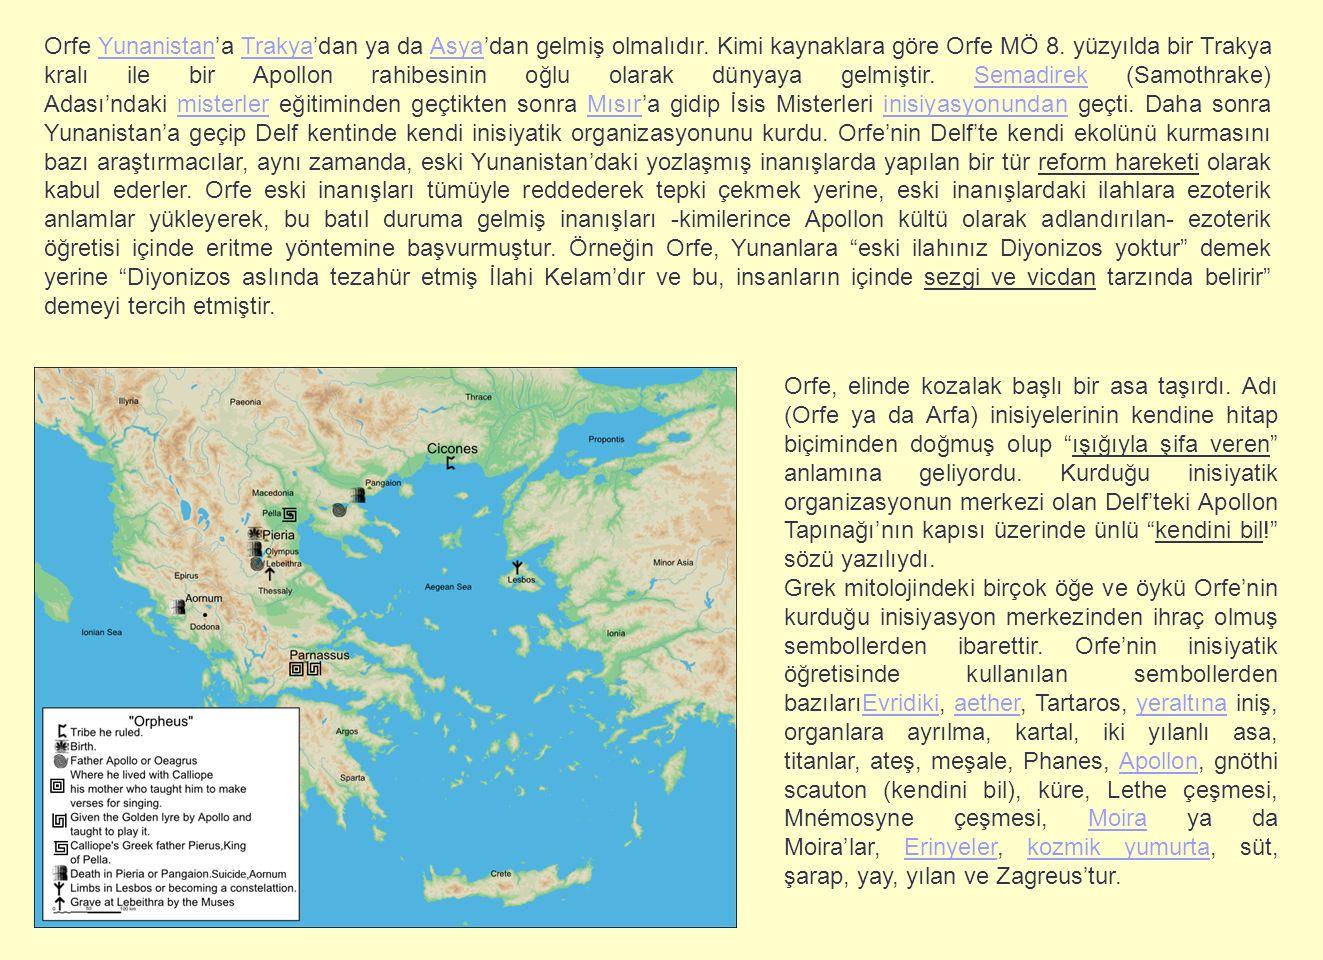 Orfe Yunanistan'a Trakya'dan ya da Asya'dan gelmiş olmalıdır. Kimi kaynaklara göre Orfe MÖ 8. yüzyılda bir Trakya kralı ile bir Apollon rahibesinin oğ